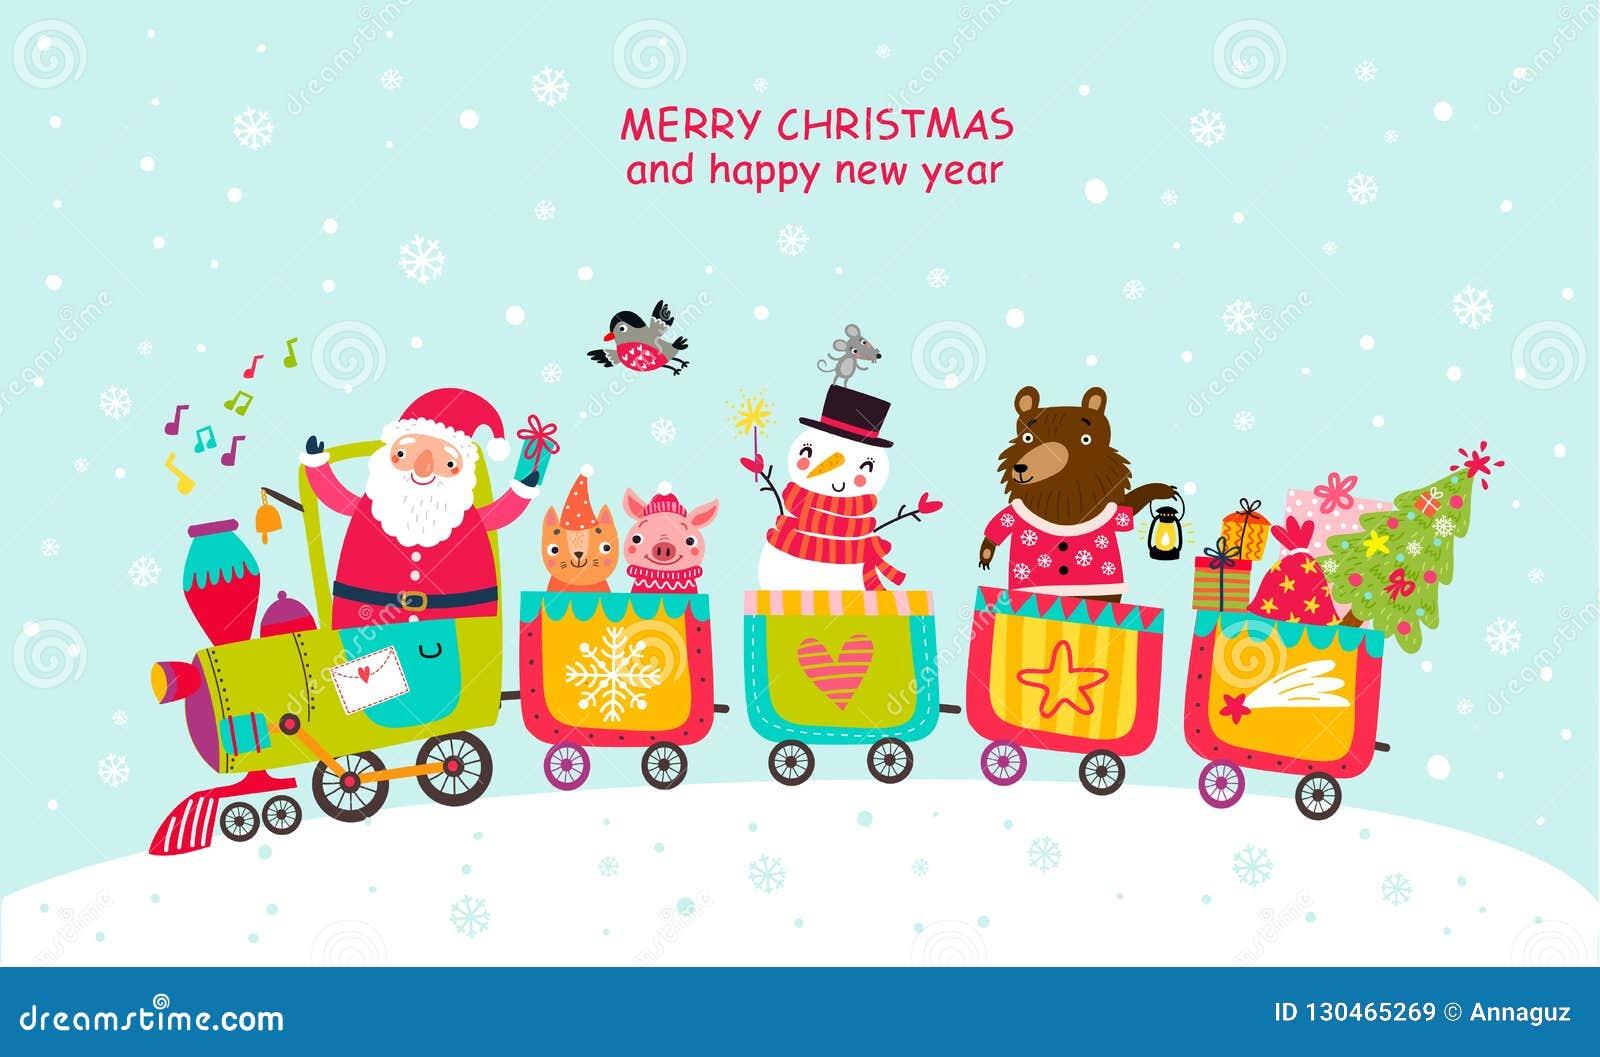 Kartka bożonarodzeniowa z Santa i zwierzęta na pociągu charaktery śliczni